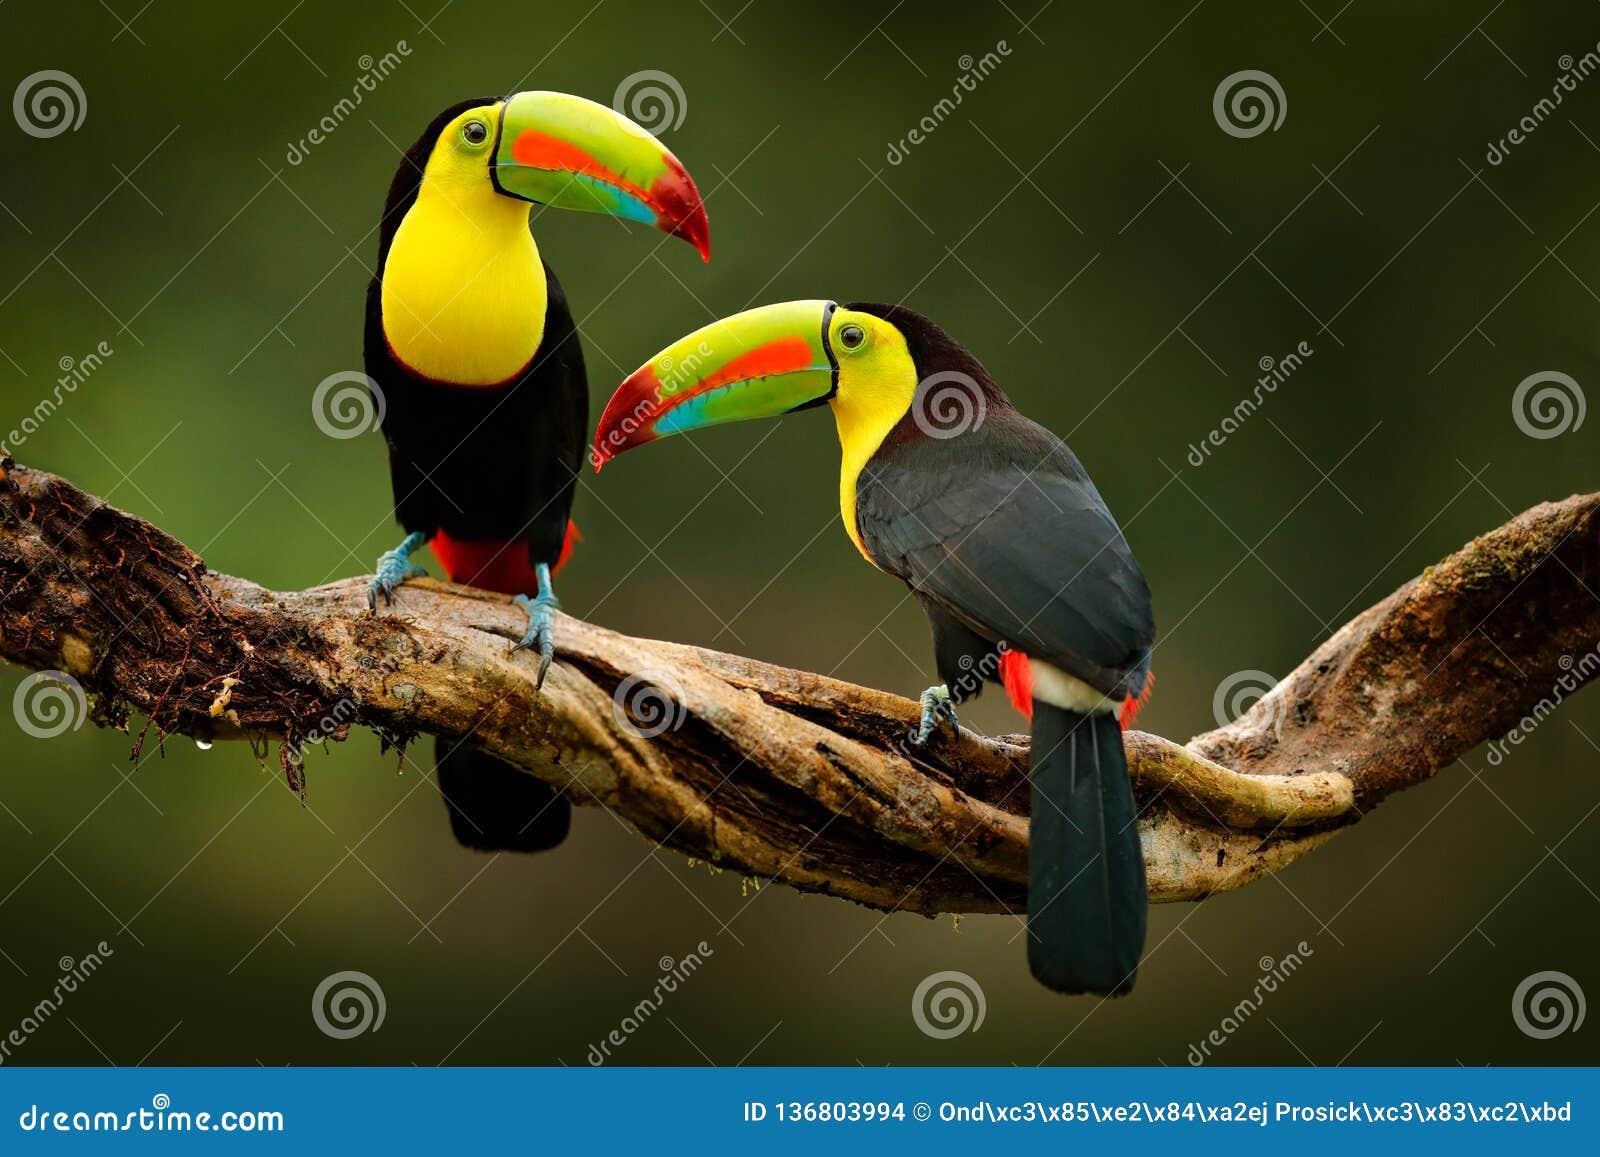 Toekanzitting op de tak in de bos, groene vegetatie, Costa Rica Aardreis in Midden-Amerika Twee kiel-Gefactureerde Toekan